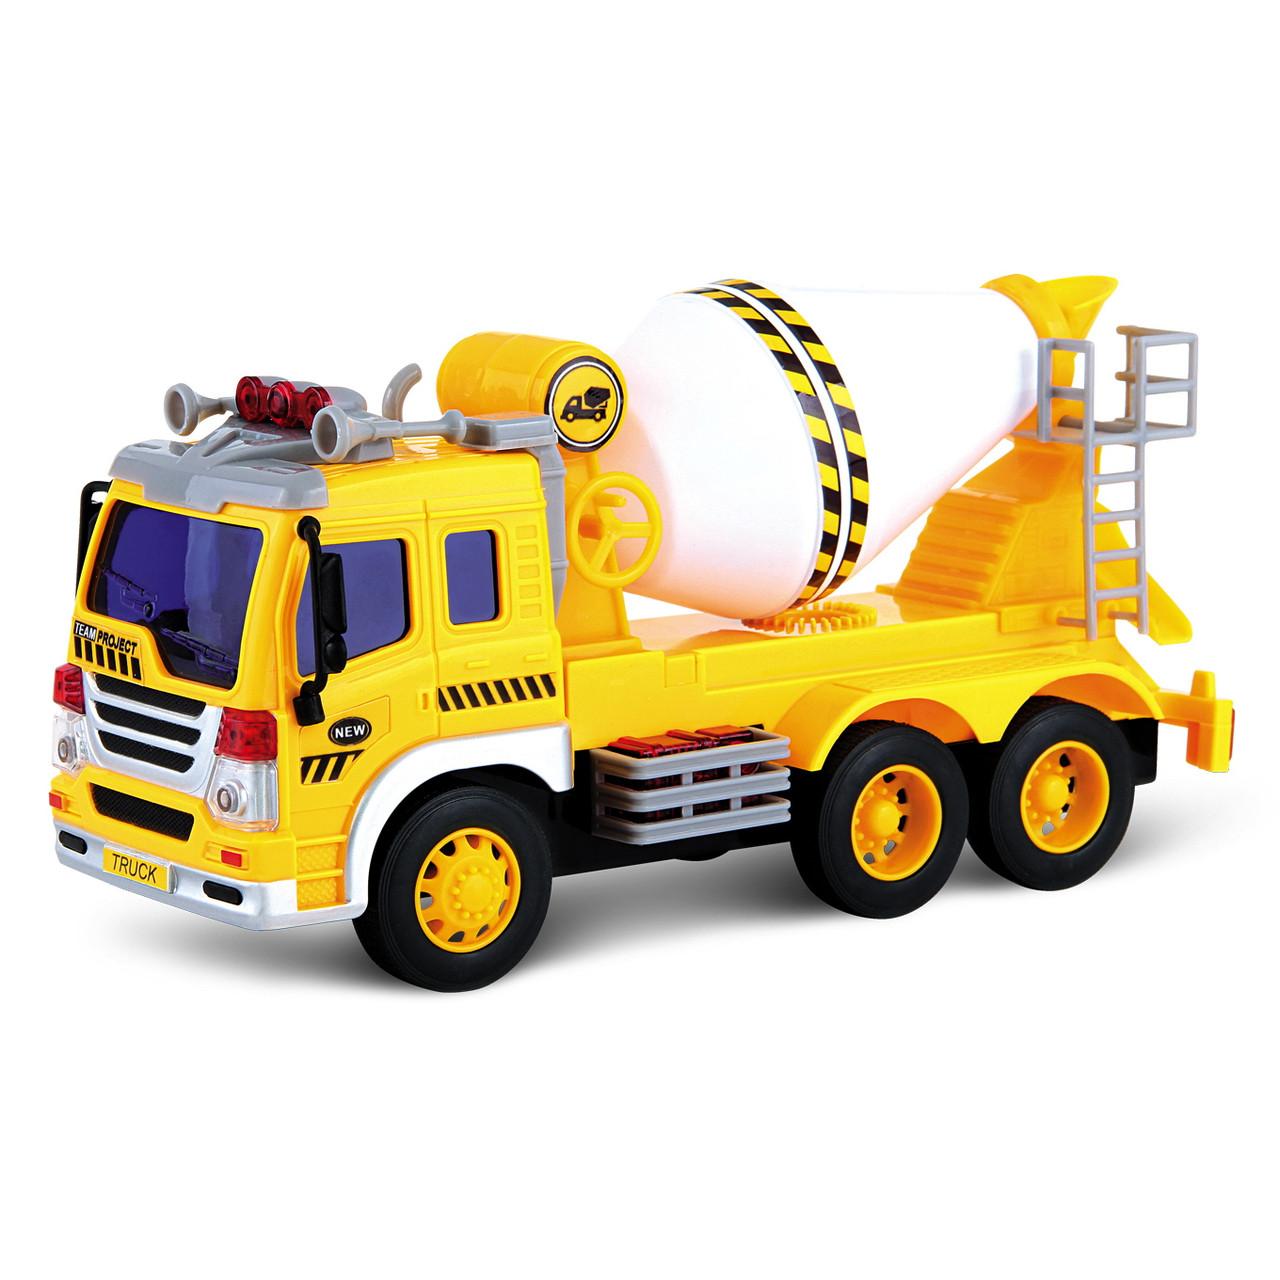 Бетоносмеситель, 28 см «Junior trucker» (33023)